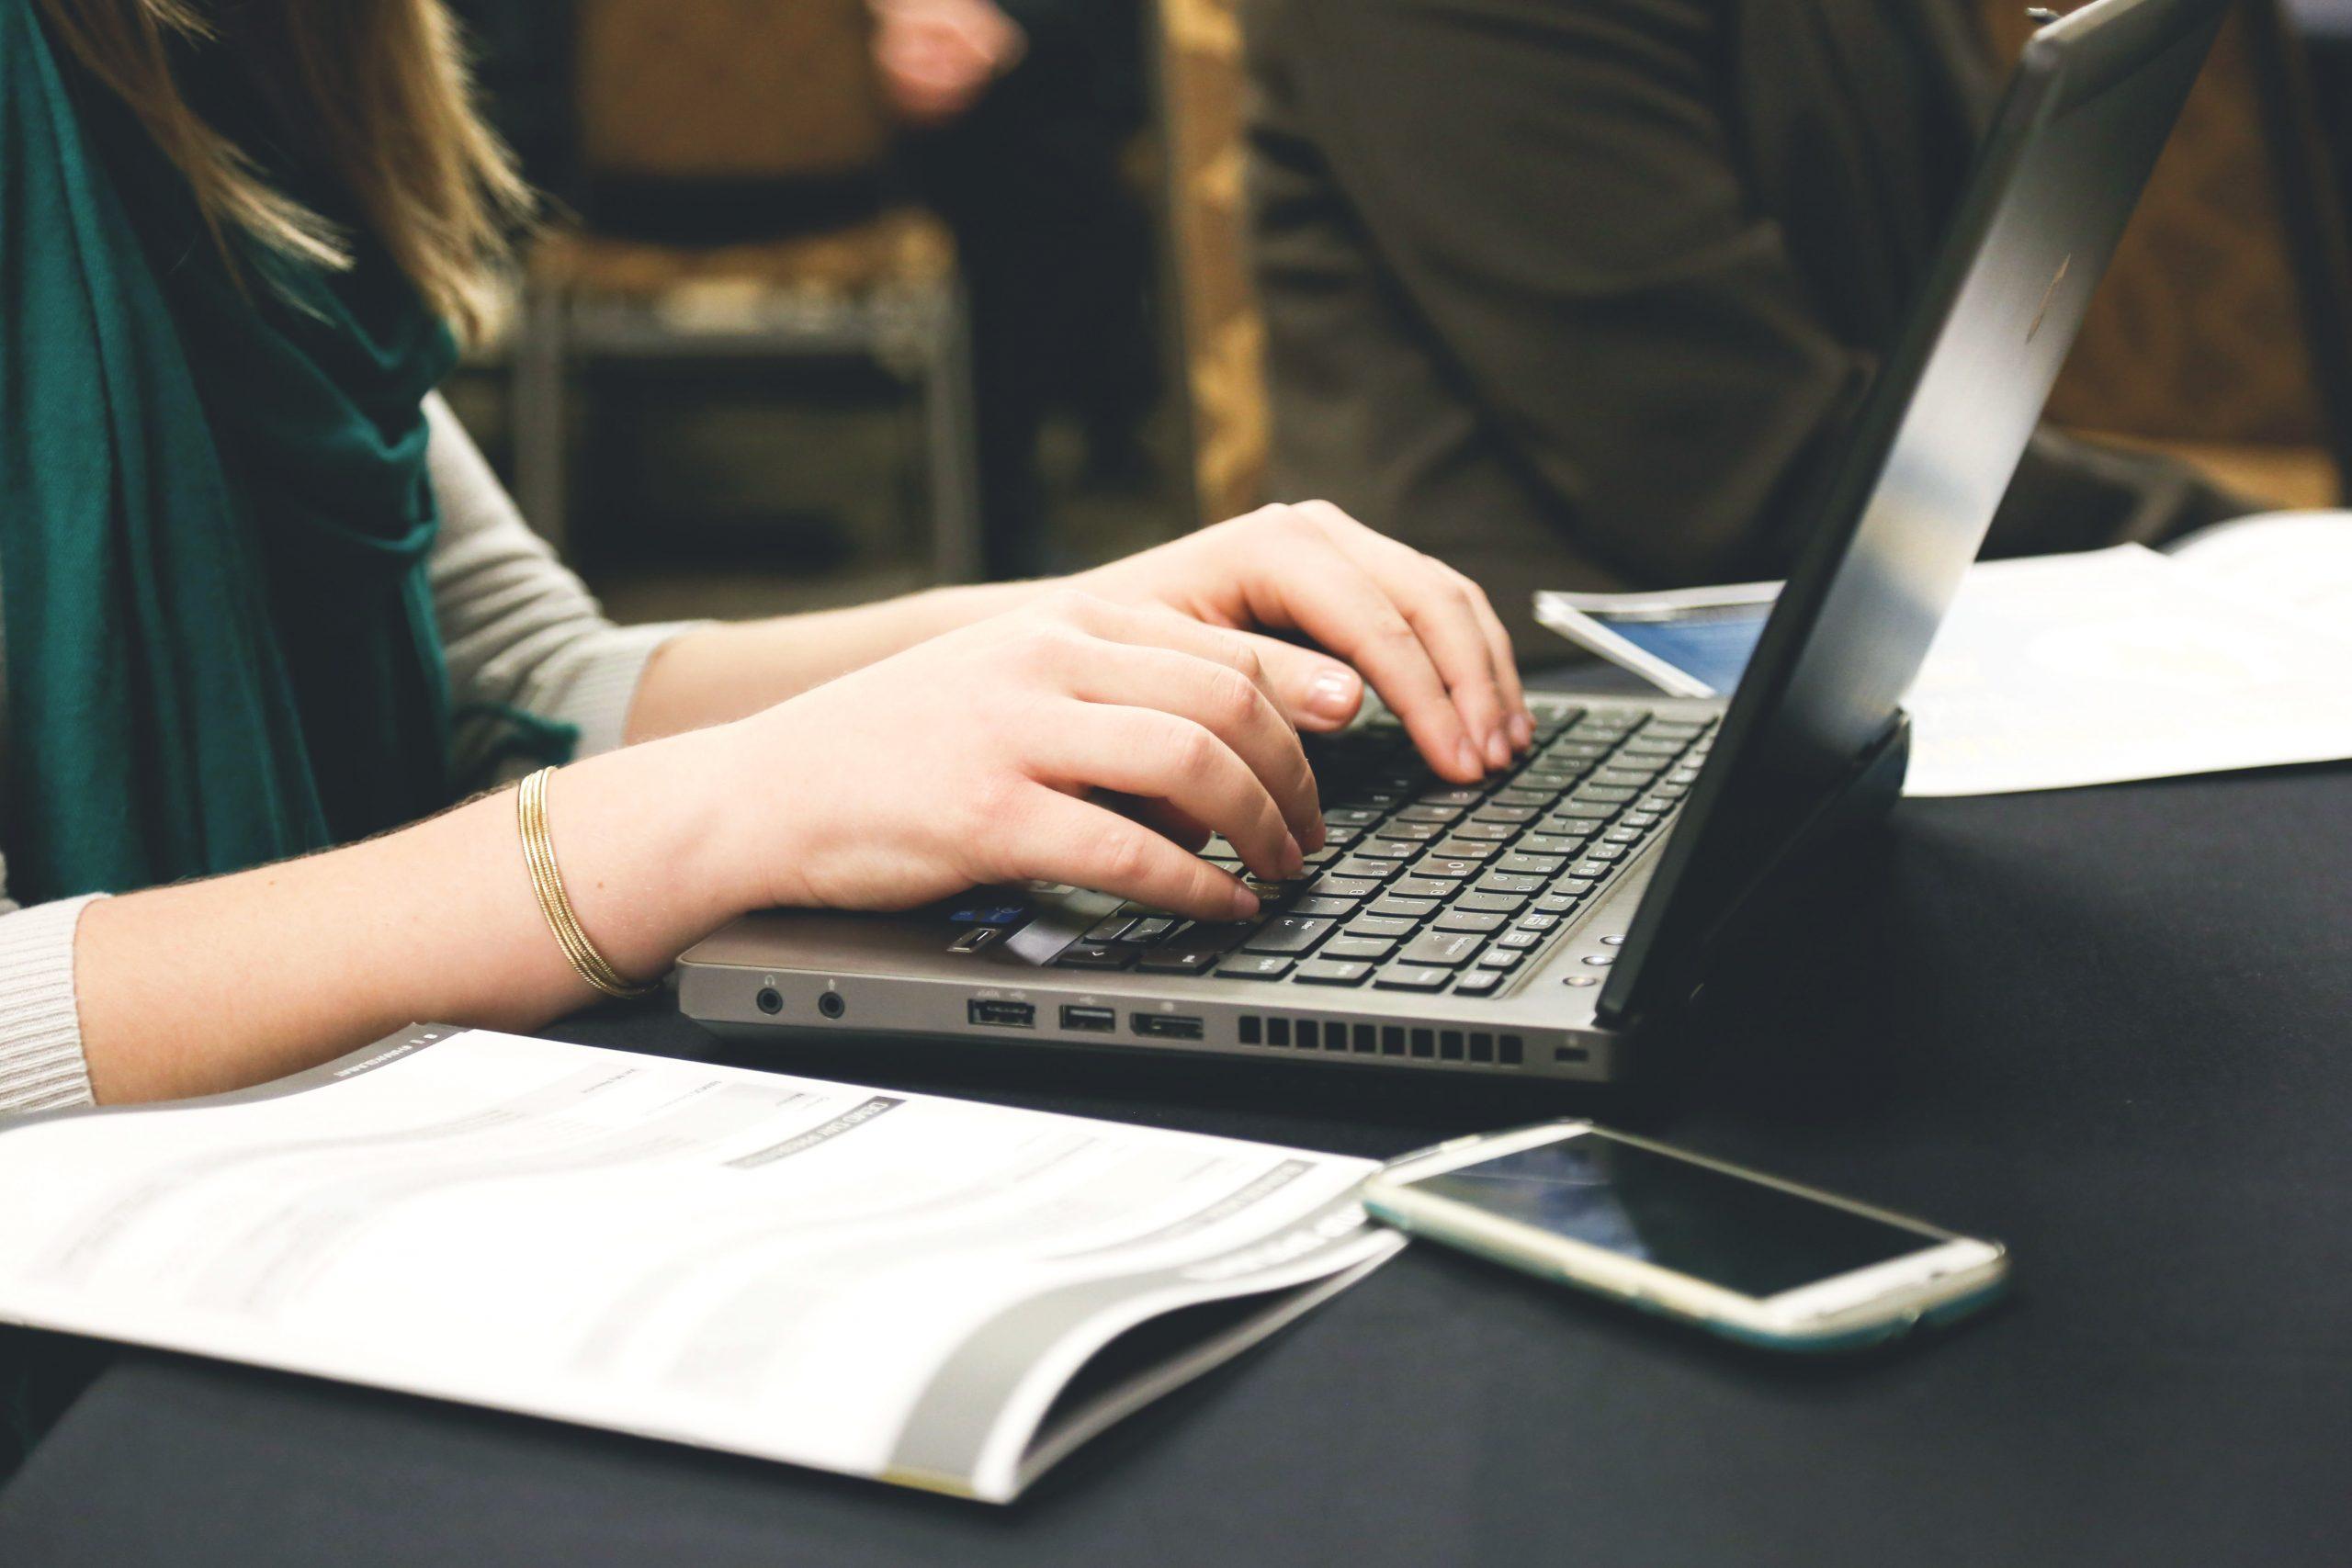 Les meilleurs outils pour créer vos contenus sur Internet